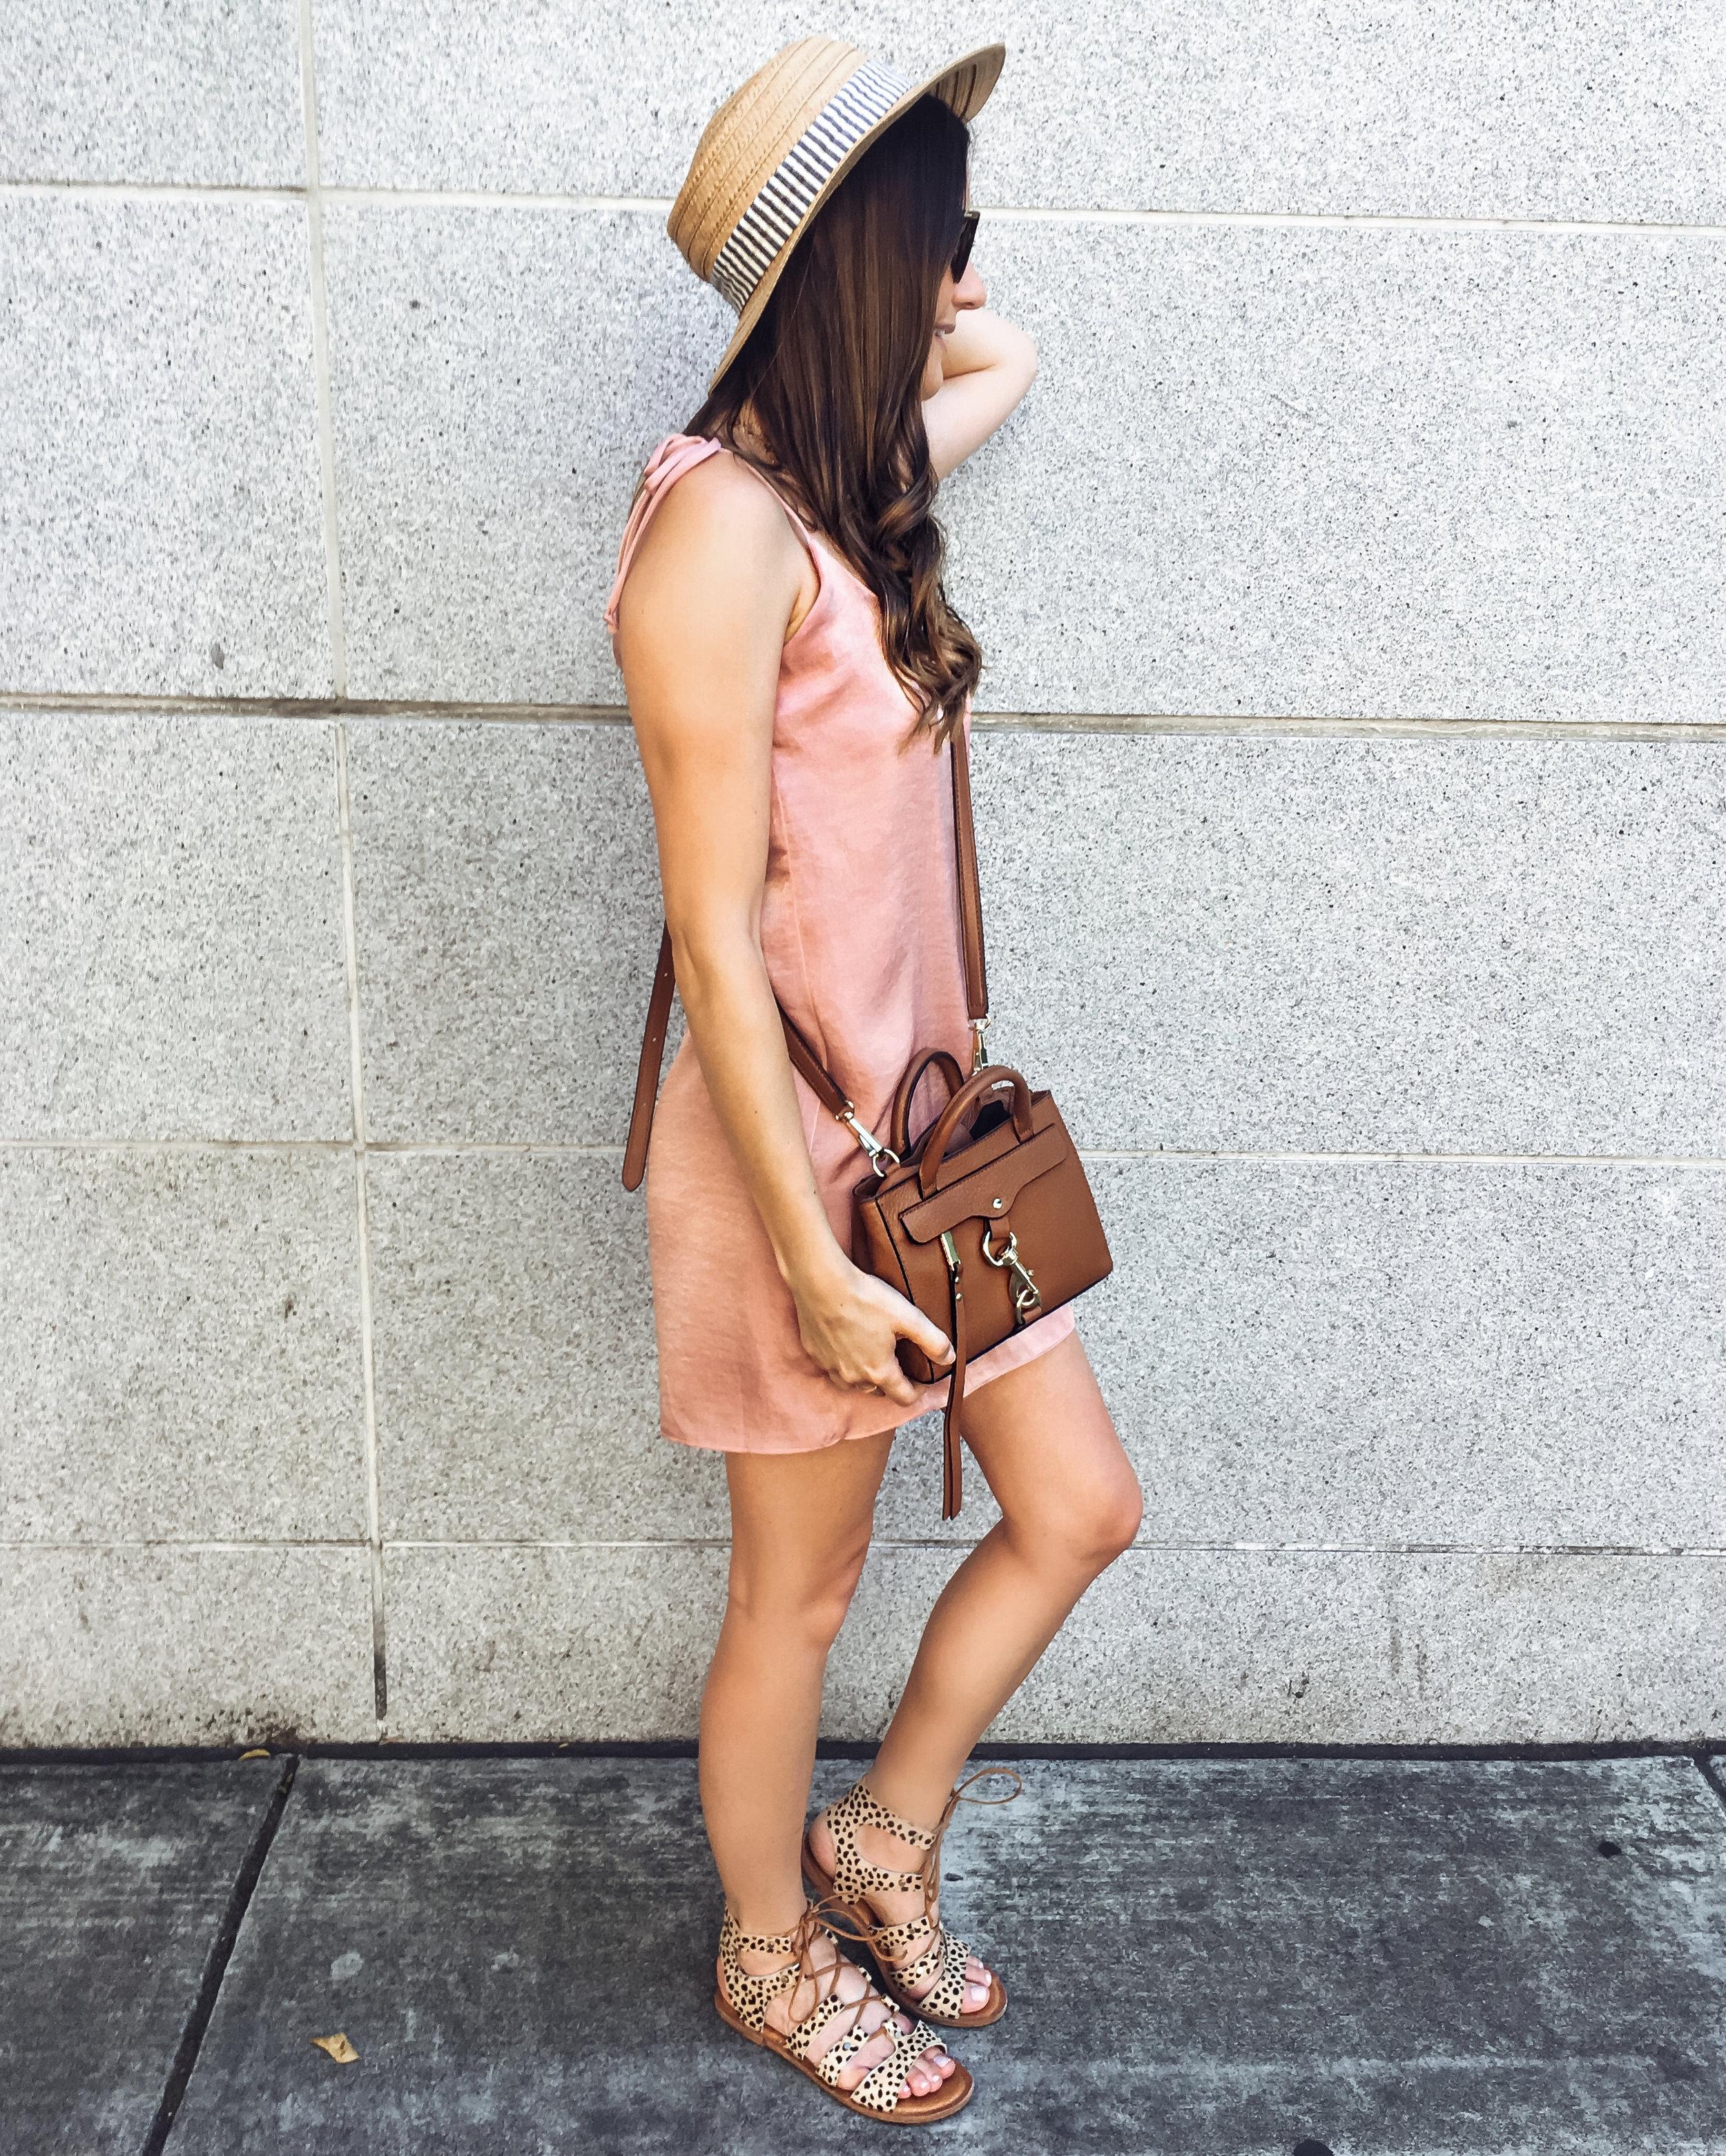 Shop the Look Below.  Nordstrom Dress  |  Dolce Vita Sandals  |  Nordstrom Hat  |  Rebecca Minkoff Bag  | Nordstrom BP necklace - similar  here